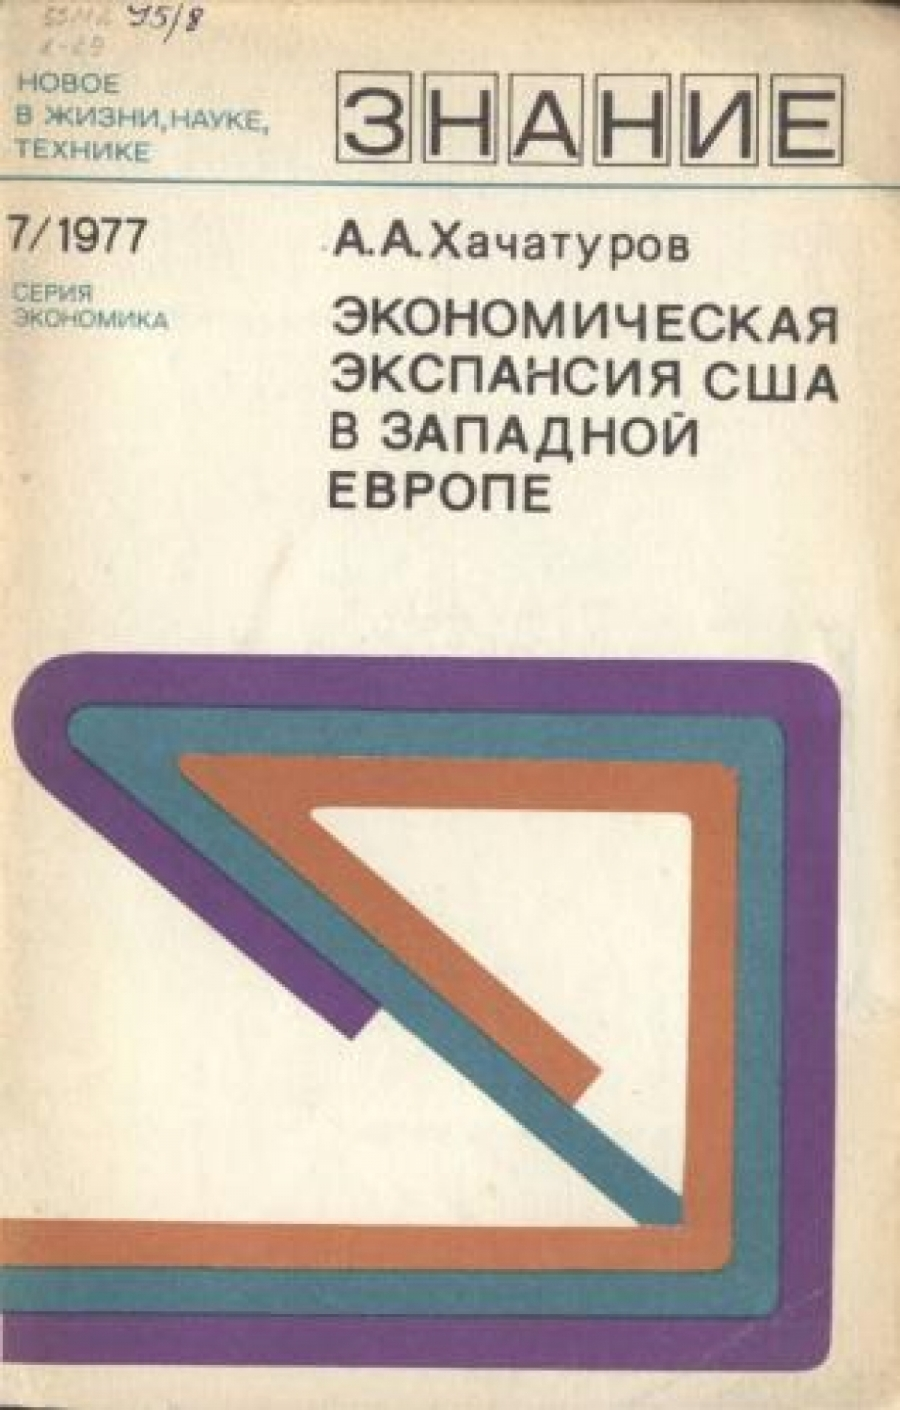 Обложка книги:  хачатуров а.а. - экономическая экспансия сша в западной европе